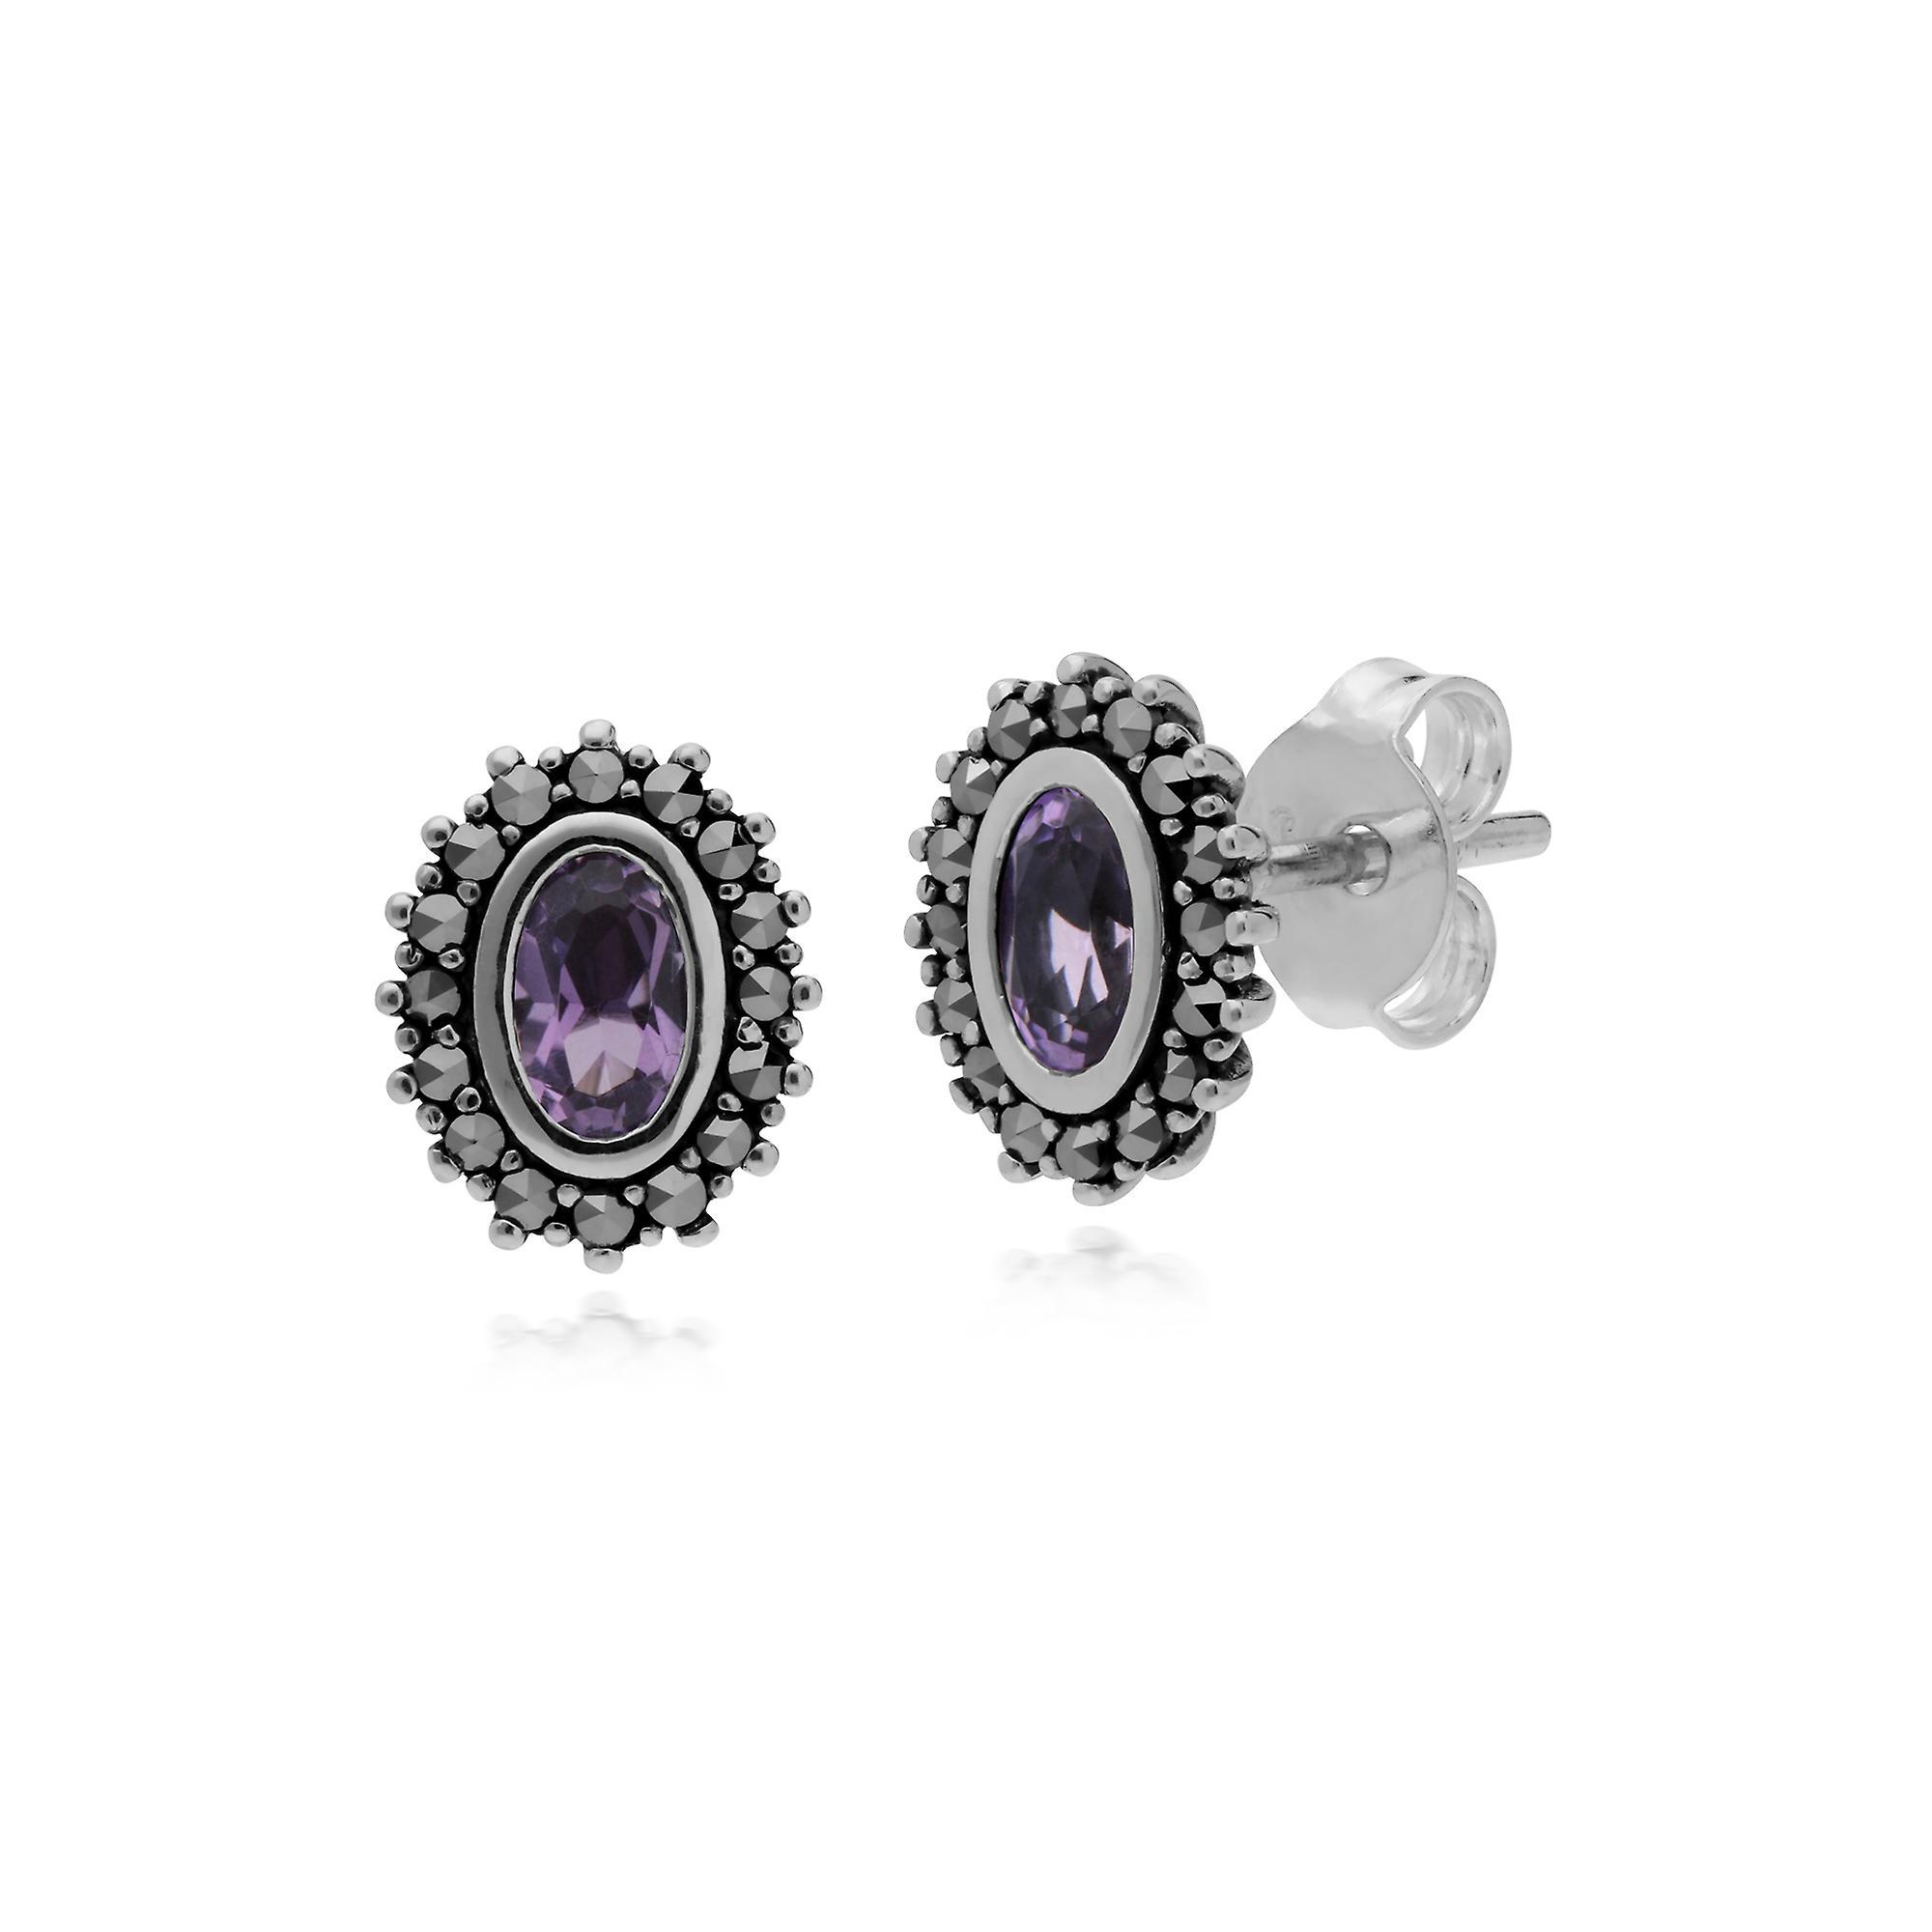 Gemondo Sterling Silver Amethyst & Marcasite February Art Nouveau Stud Earrings